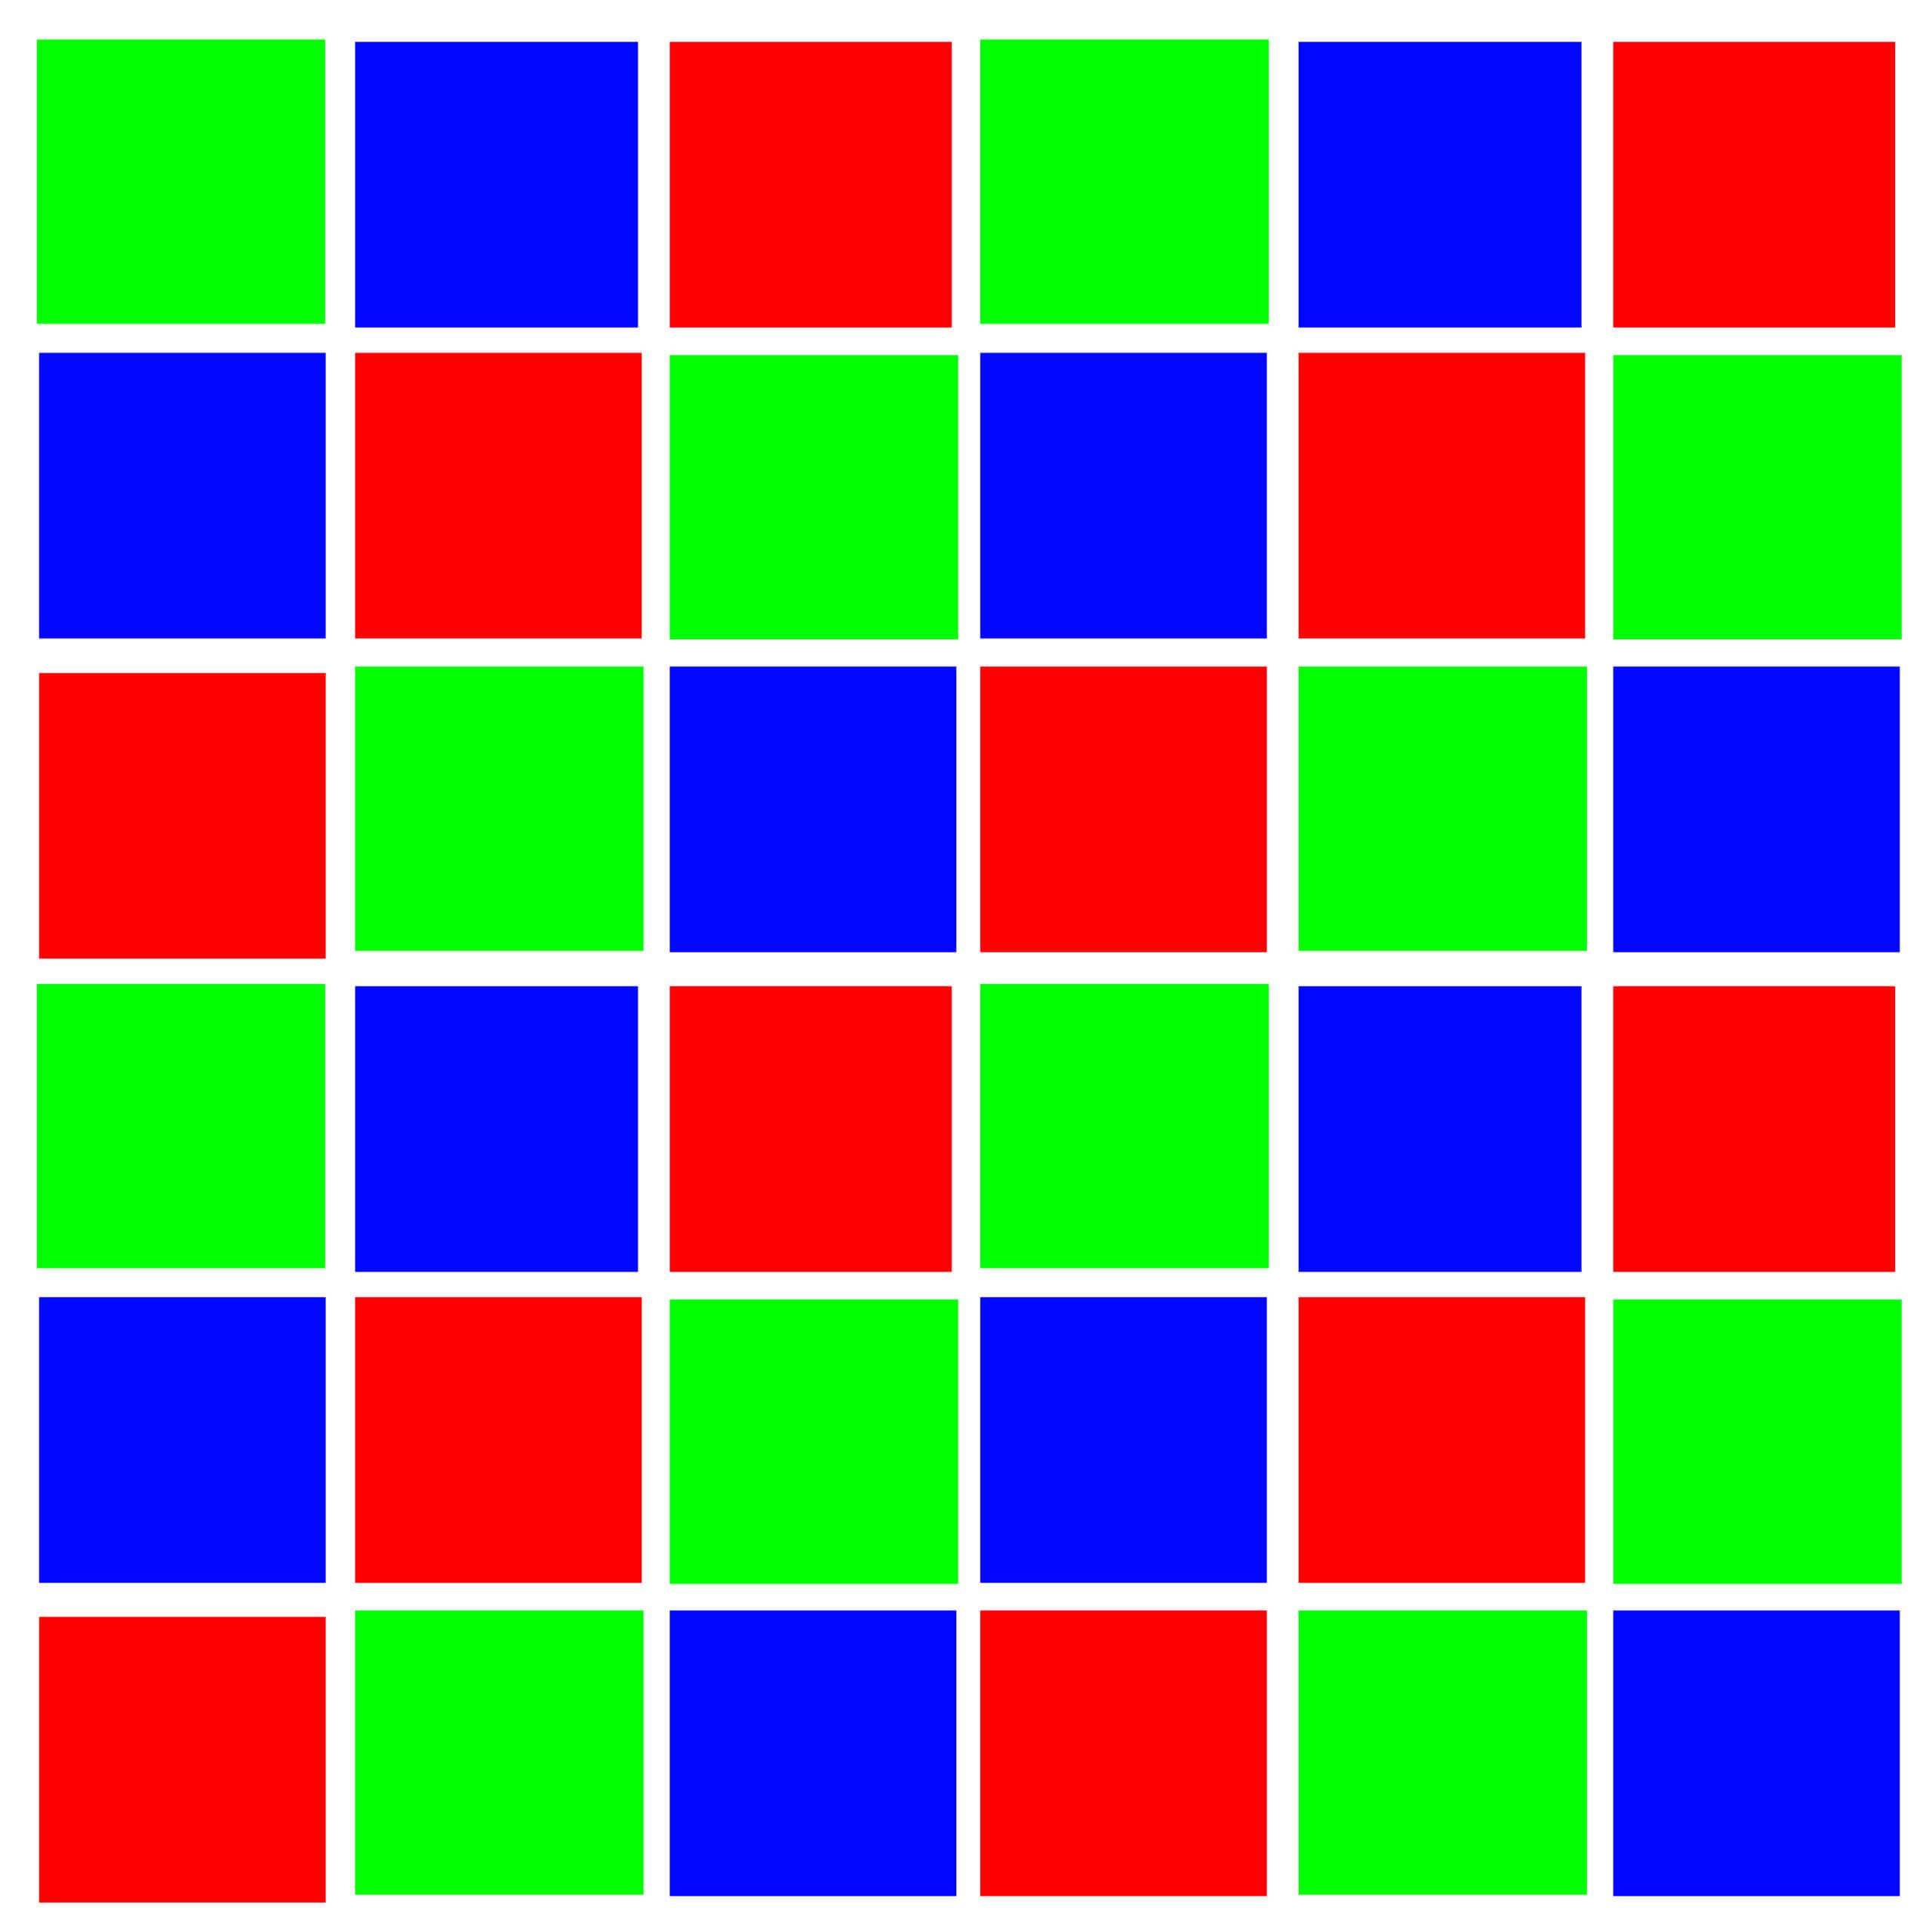 高解像度化して画素サイズが小さくなると画像が劣化